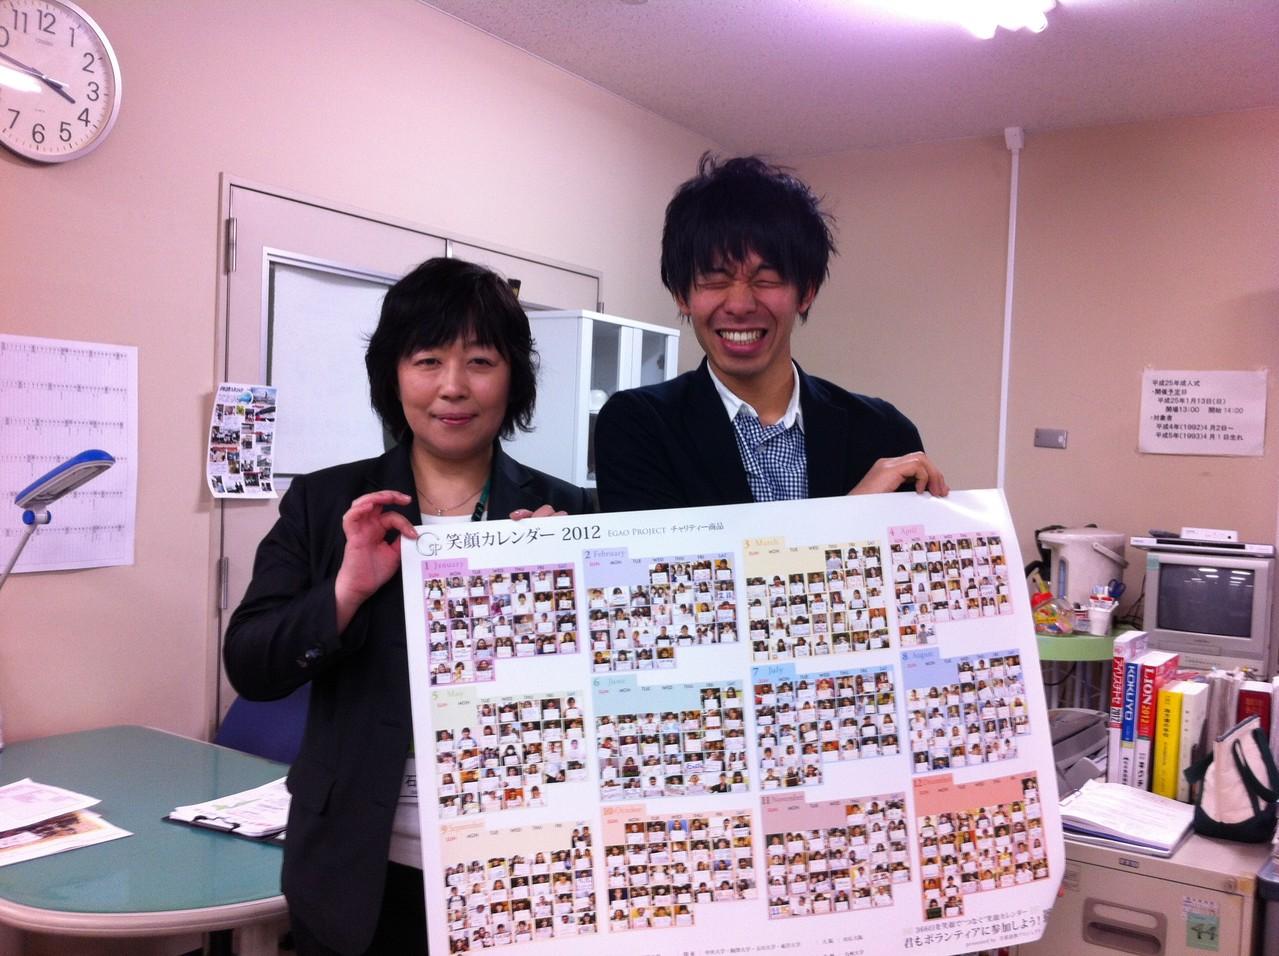 仙台市教育委員会 生涯学習課